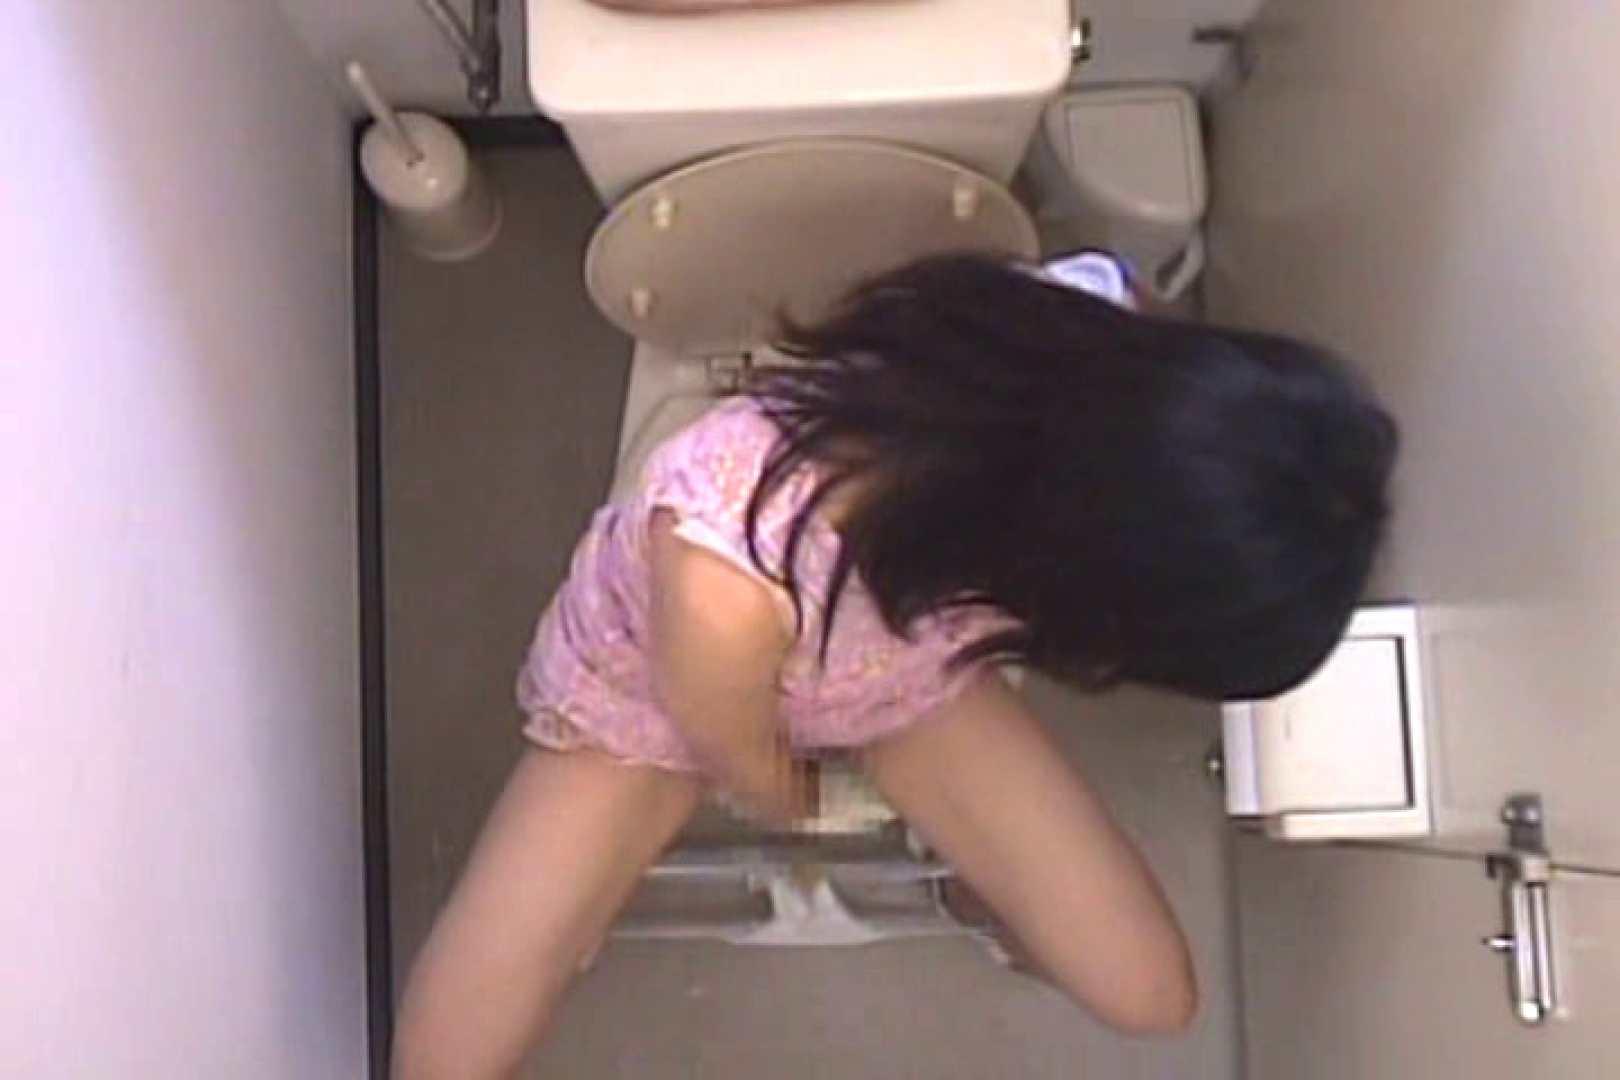 雑居ビル洗面所オナニーVol.4 オナニーする女性たち 盗撮セックス無修正動画無料 62画像 28